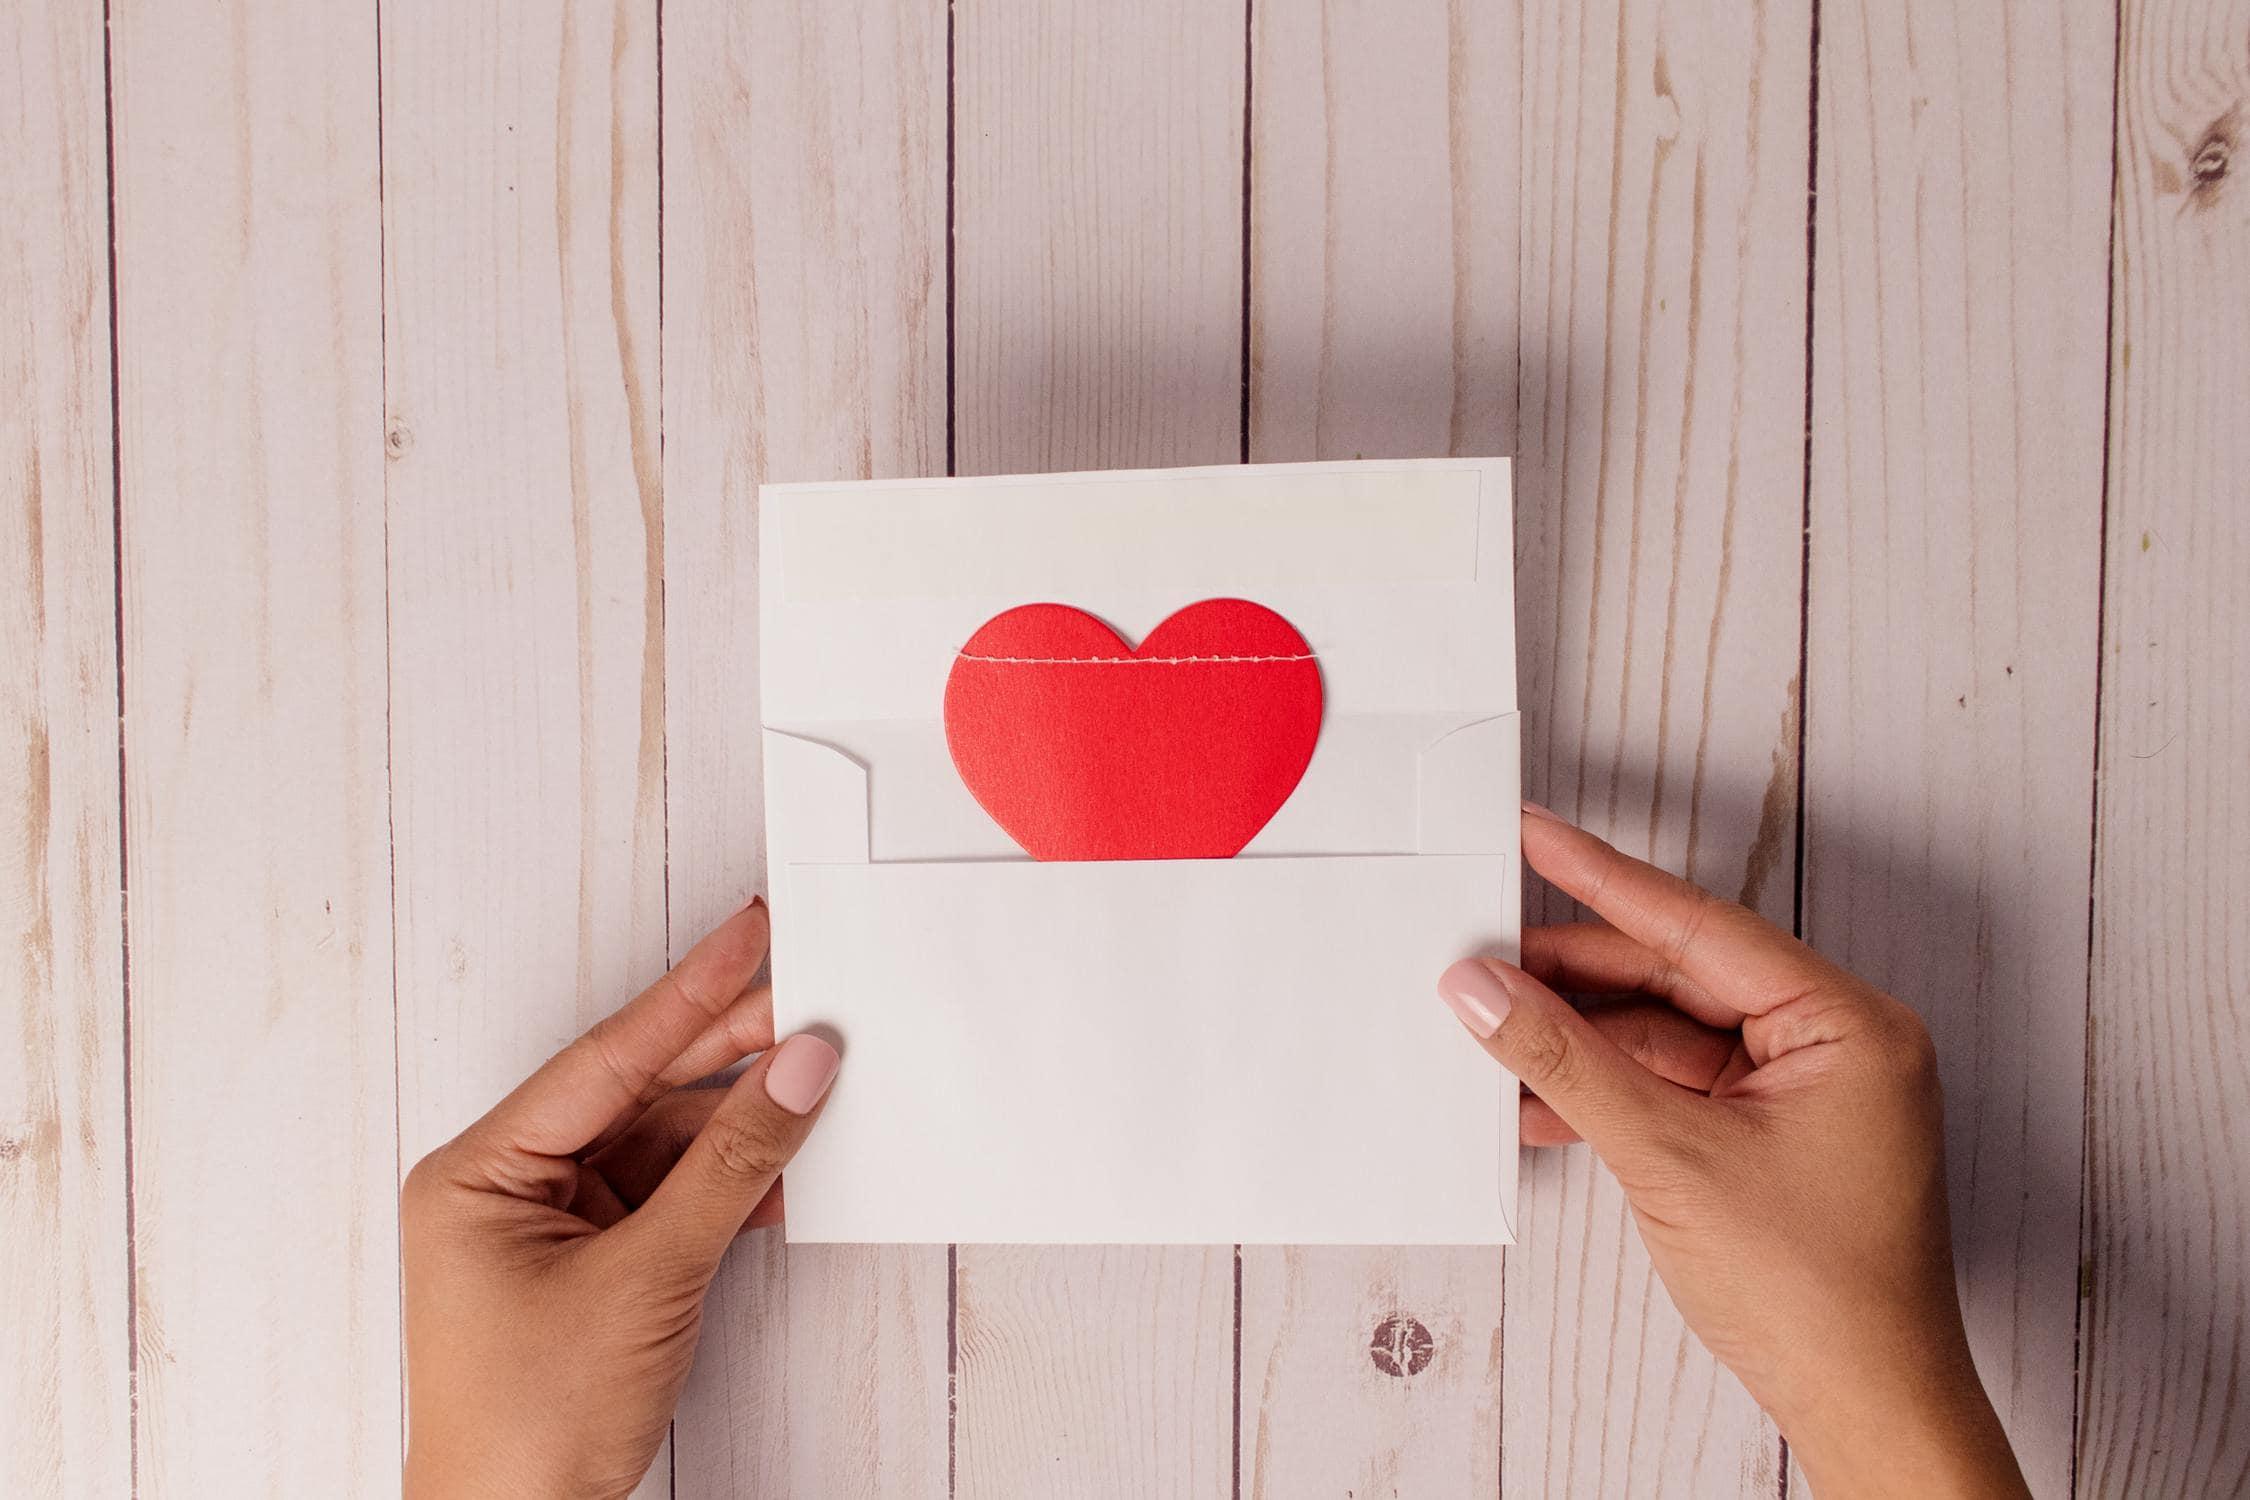 """Fotografie eines Liebesbriefes in zwei Händen, der auf Virus """"Love Letter"""" verweisen soll"""